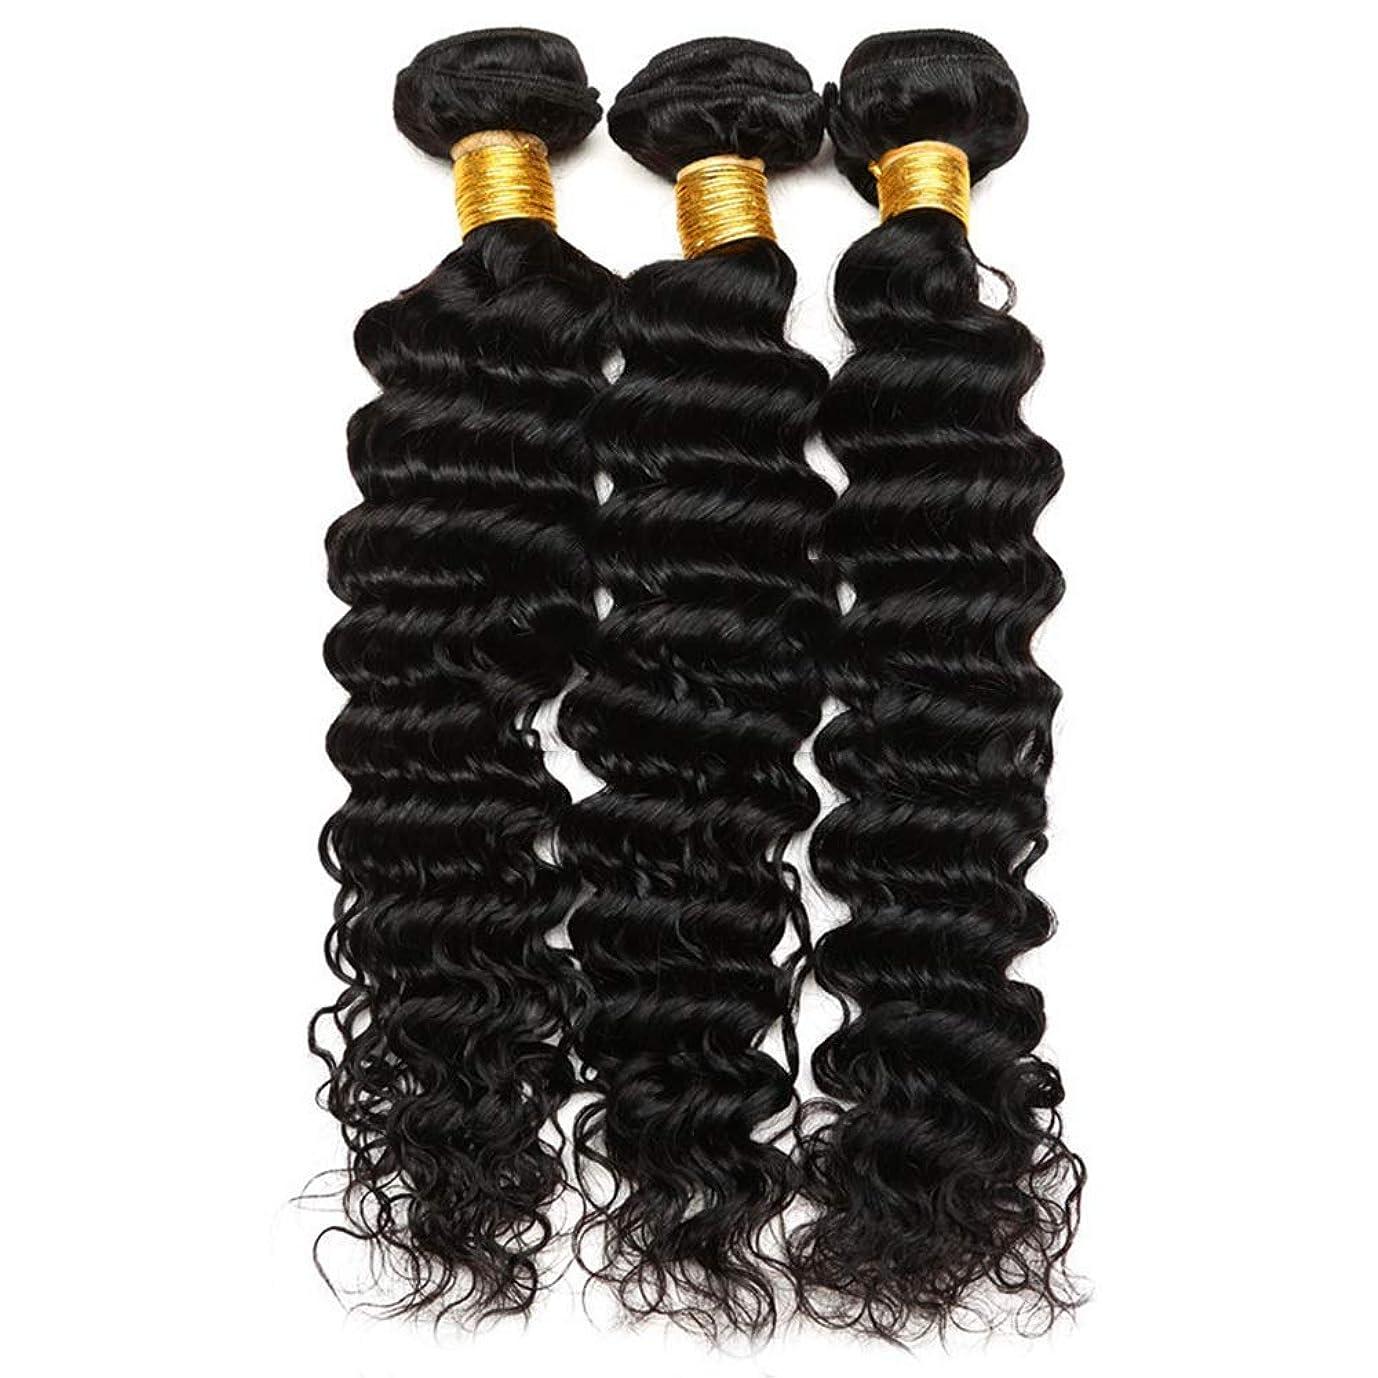 クリーク核食品YESONEEP 7Aグレードブラジル巻き毛ディープウェーブバンドル未処理ブラジル人毛織りエクステンションナチュラルブラック100グラム/バンドル複合ヘアレースかつらロールプレイングかつらロングとショート女性自然 (色 : 黒, サイズ : 10 inch)